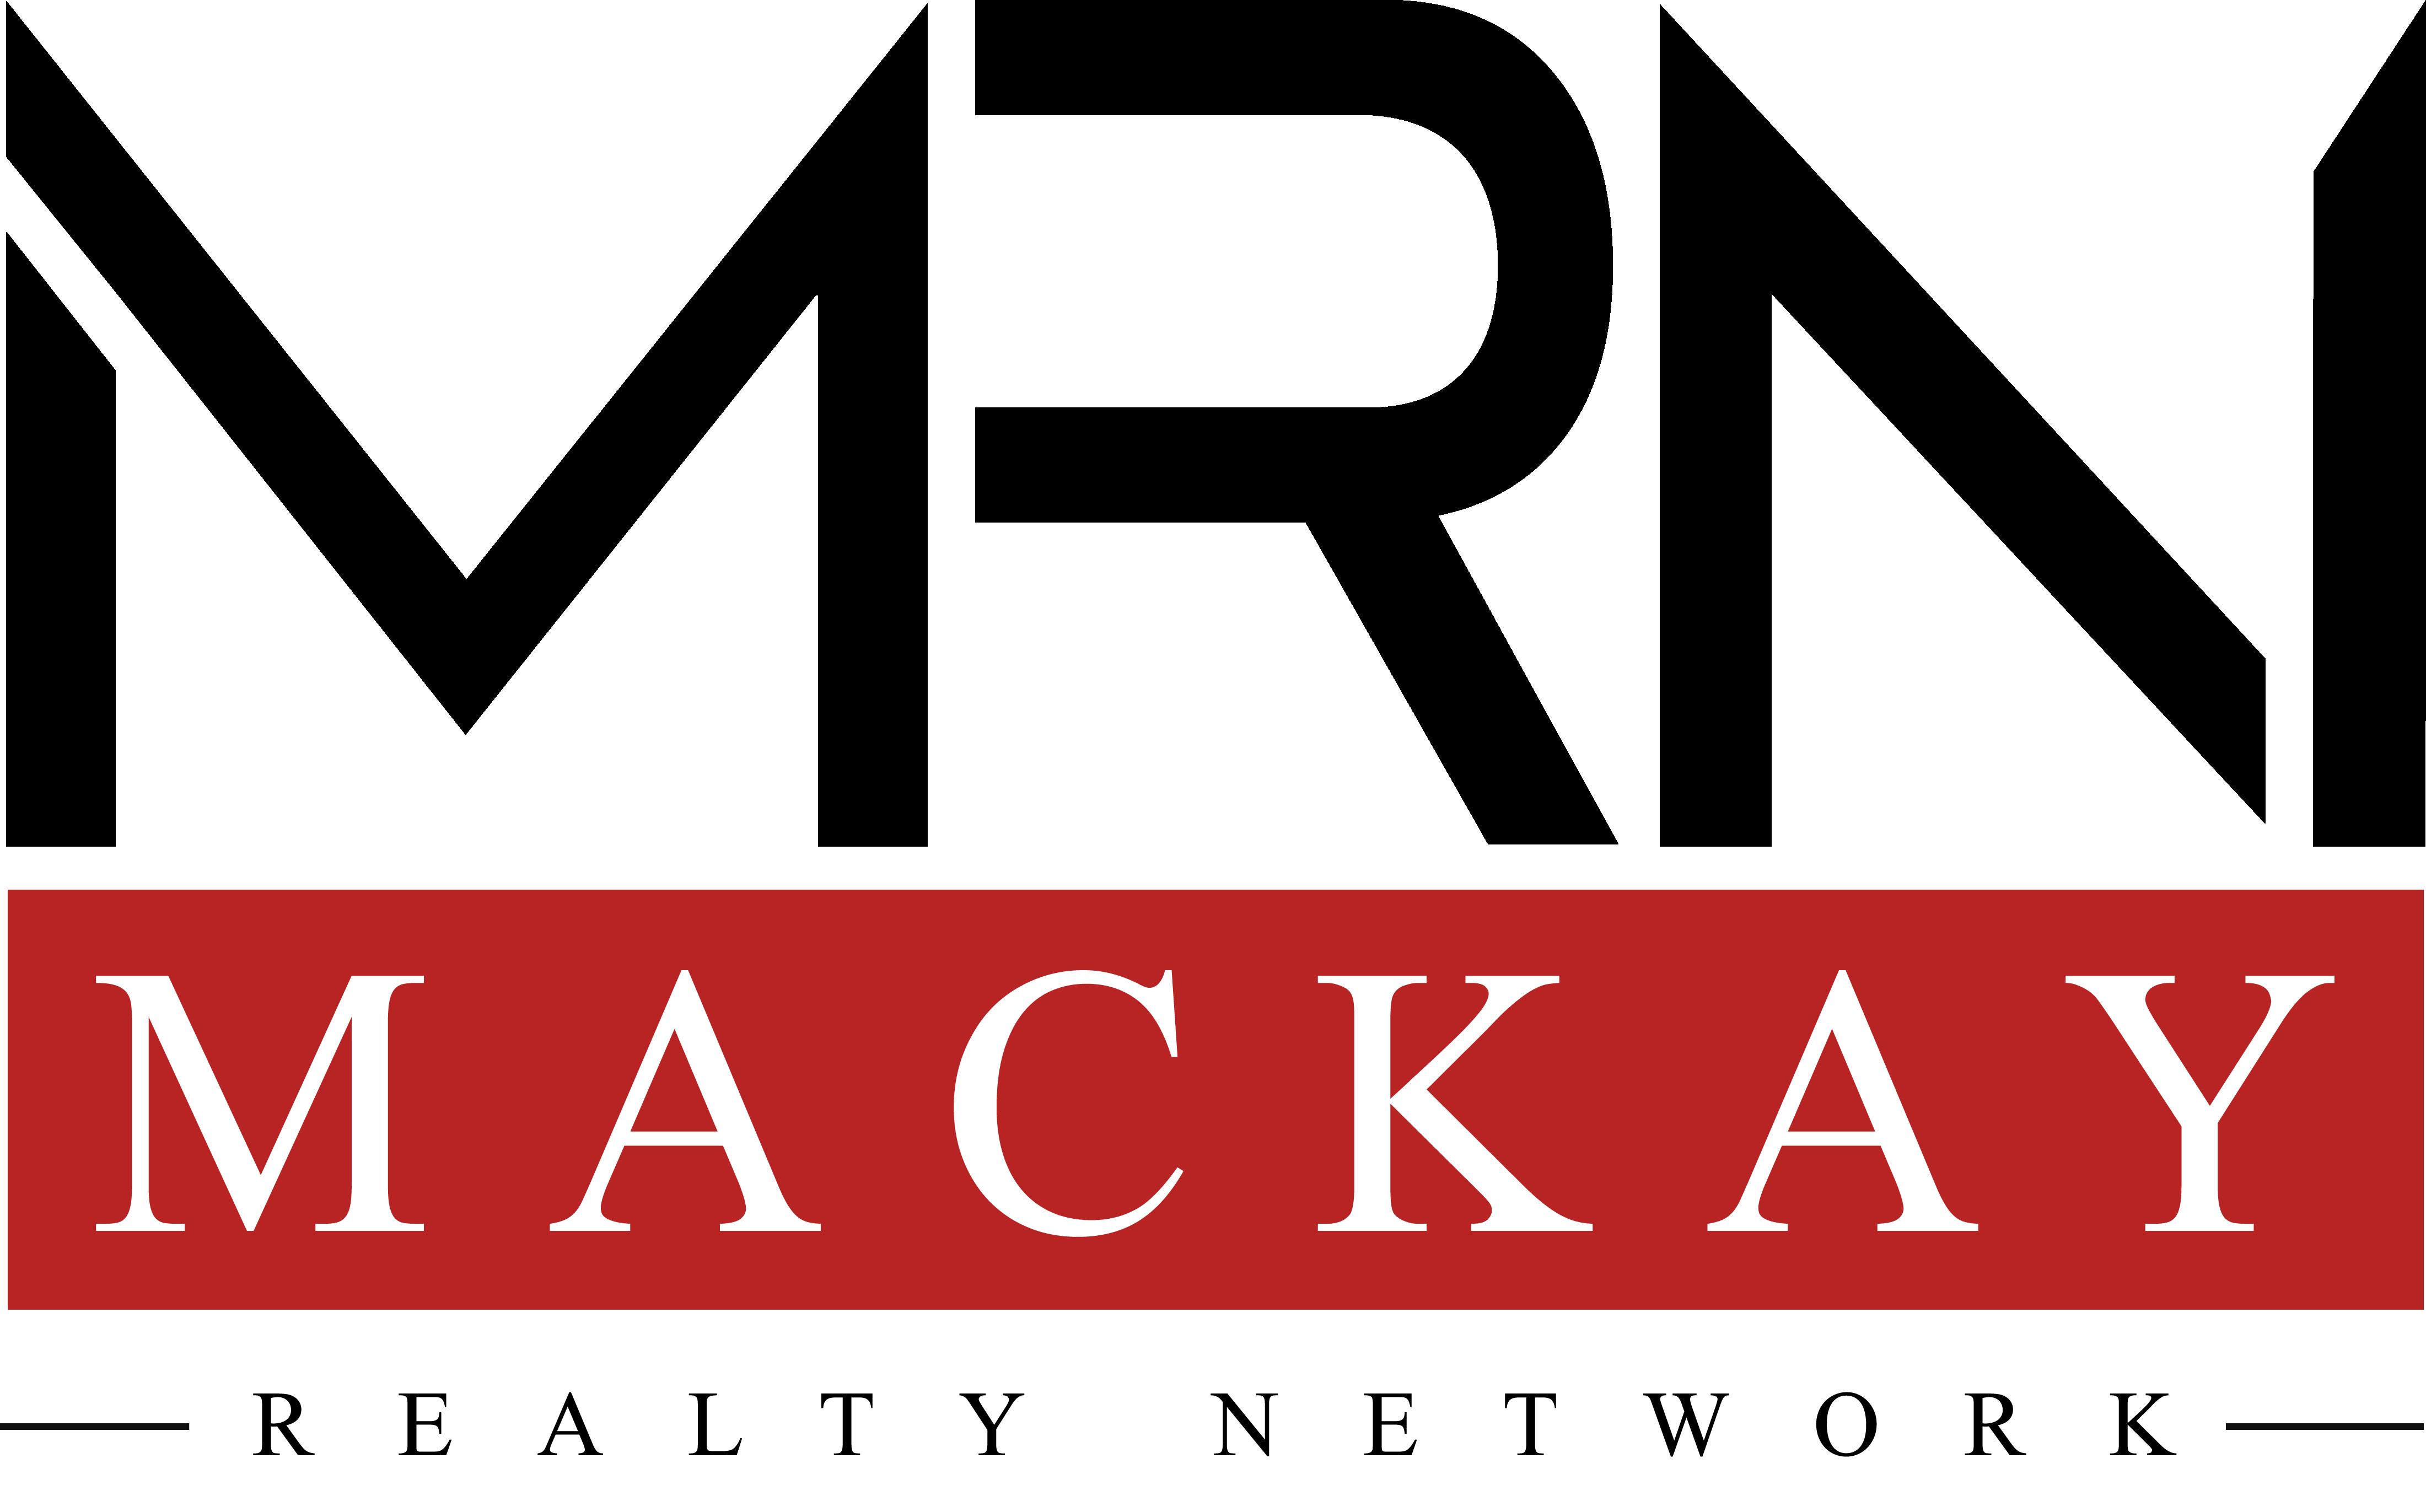 Mackay Realty Network logo